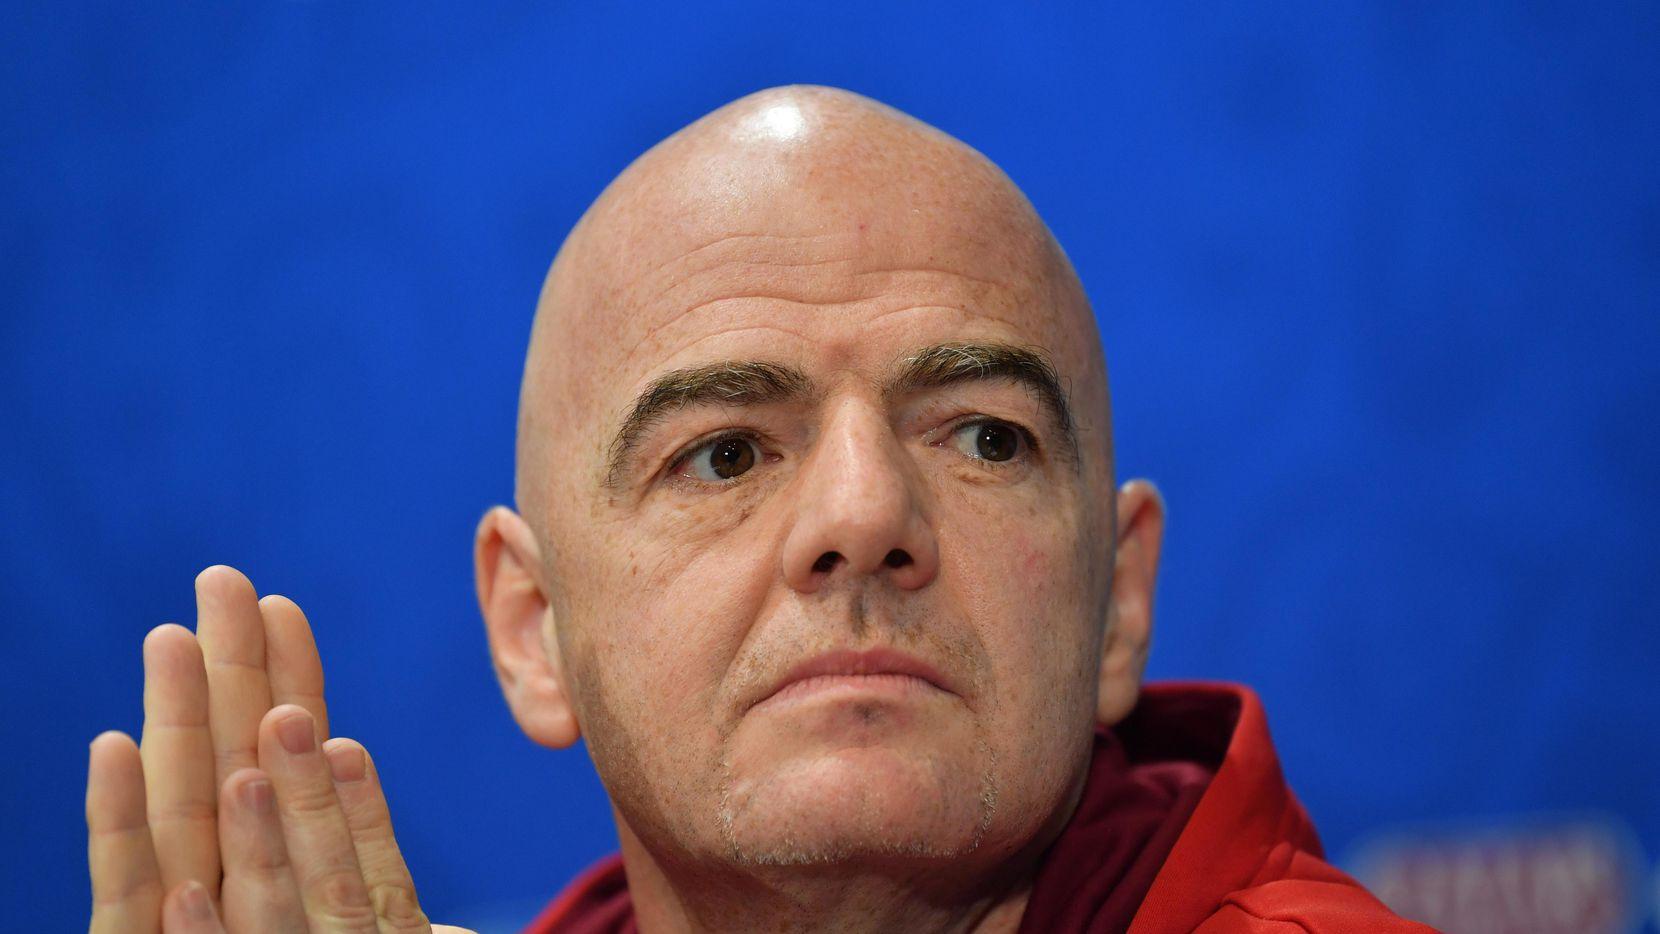 Gianni  Infantino de la FIFA se niega a que la liga española lleve juegos a Estados Unidos. (Getty Images/Dan Mullan)